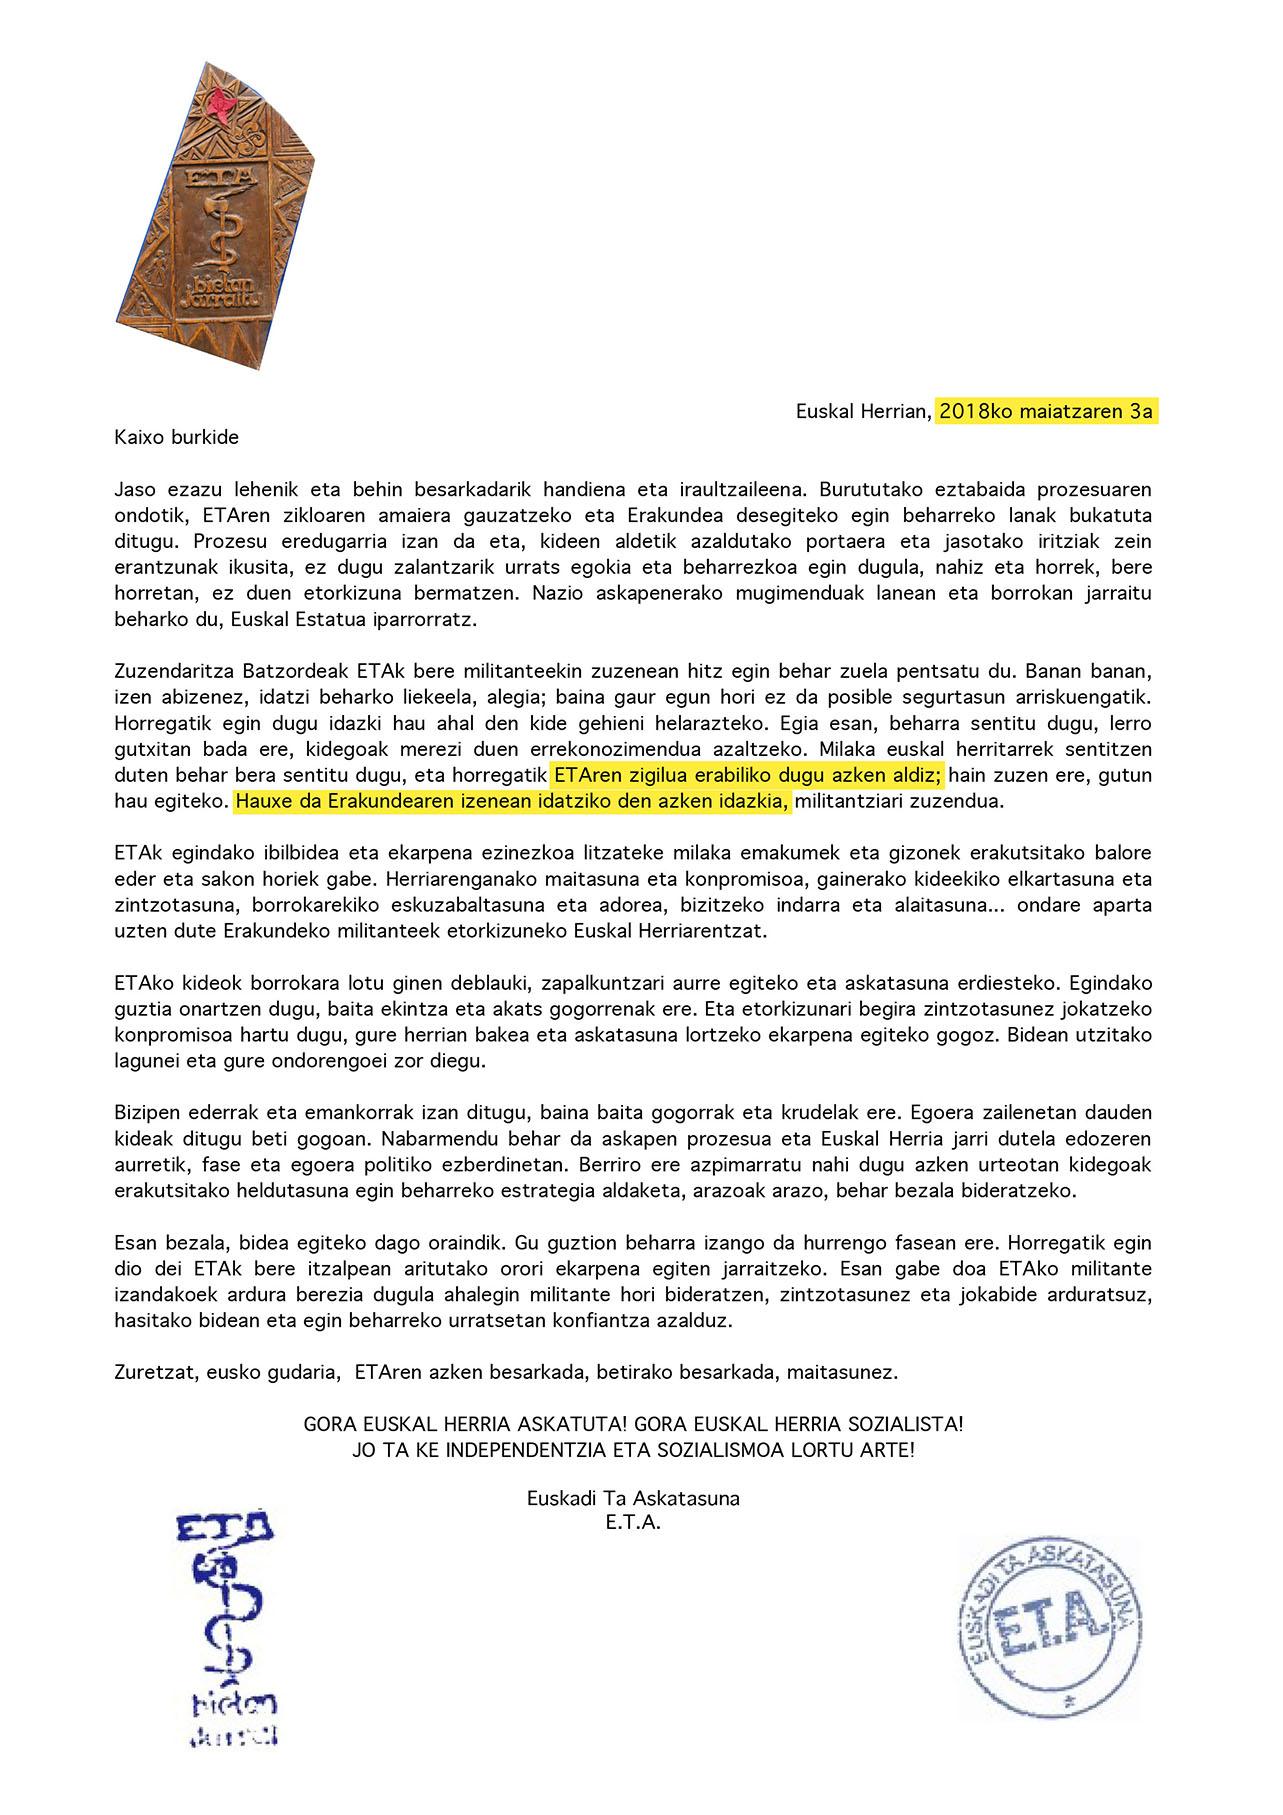 ETAk bere kideei 2018ko maiatzaren 3ko datarekin helarazitako idatzia da goikoa, orain arte publikoki argitaratu gabea. Berriak azpimarratu ditu hitz batzuk.